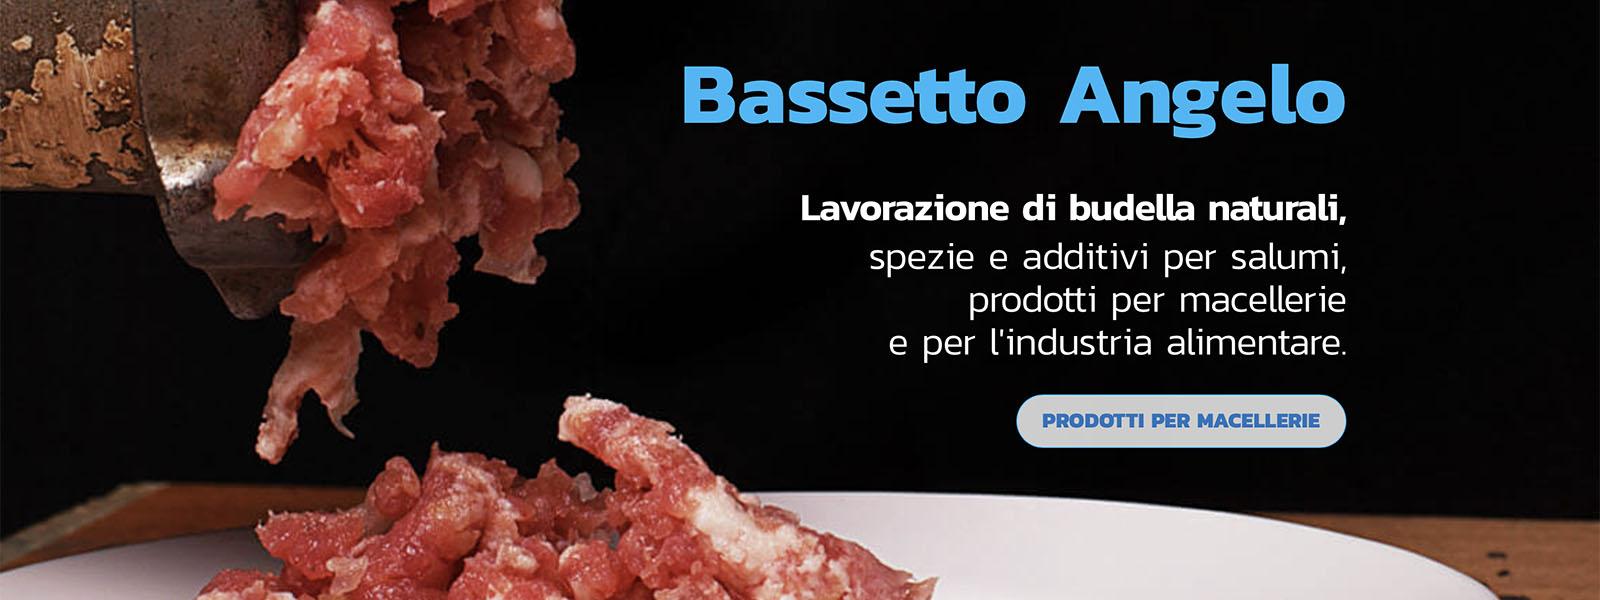 Sito Web Bassetto Angelo